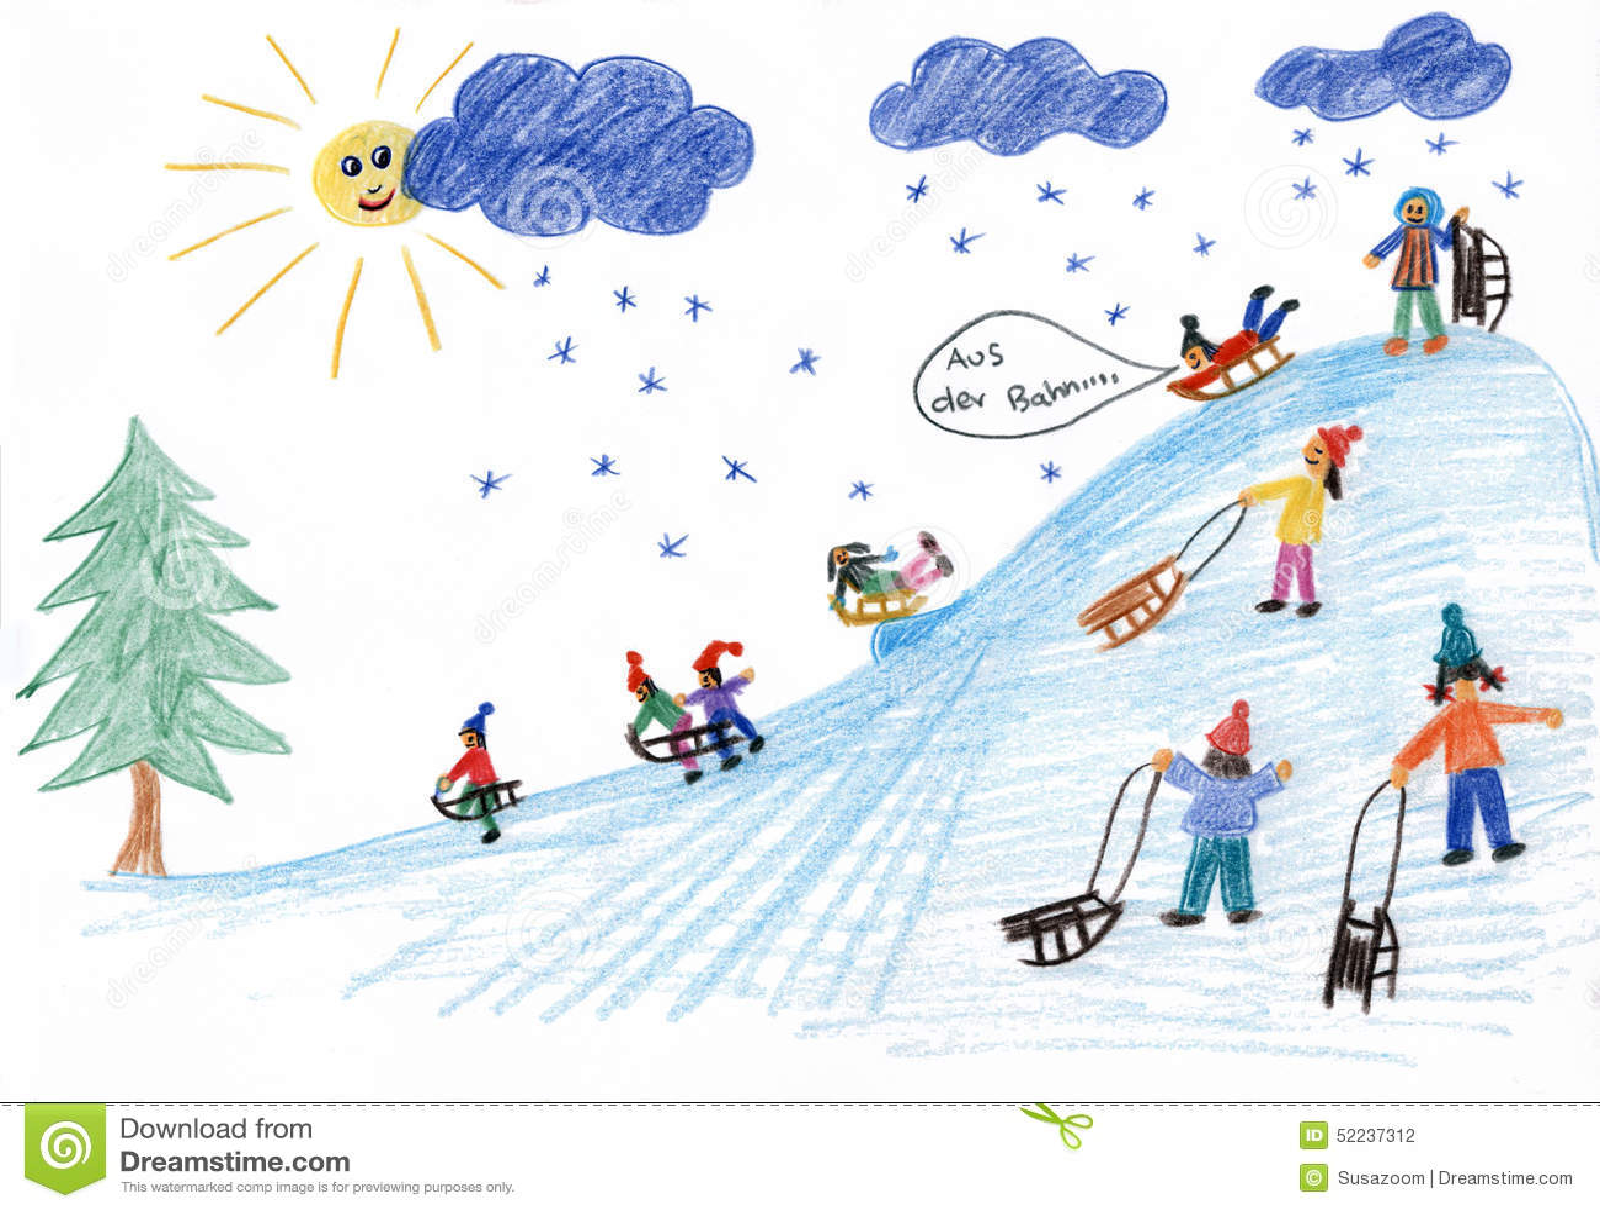 Sledding Kids On The Hill Children Painting Stock Illustration